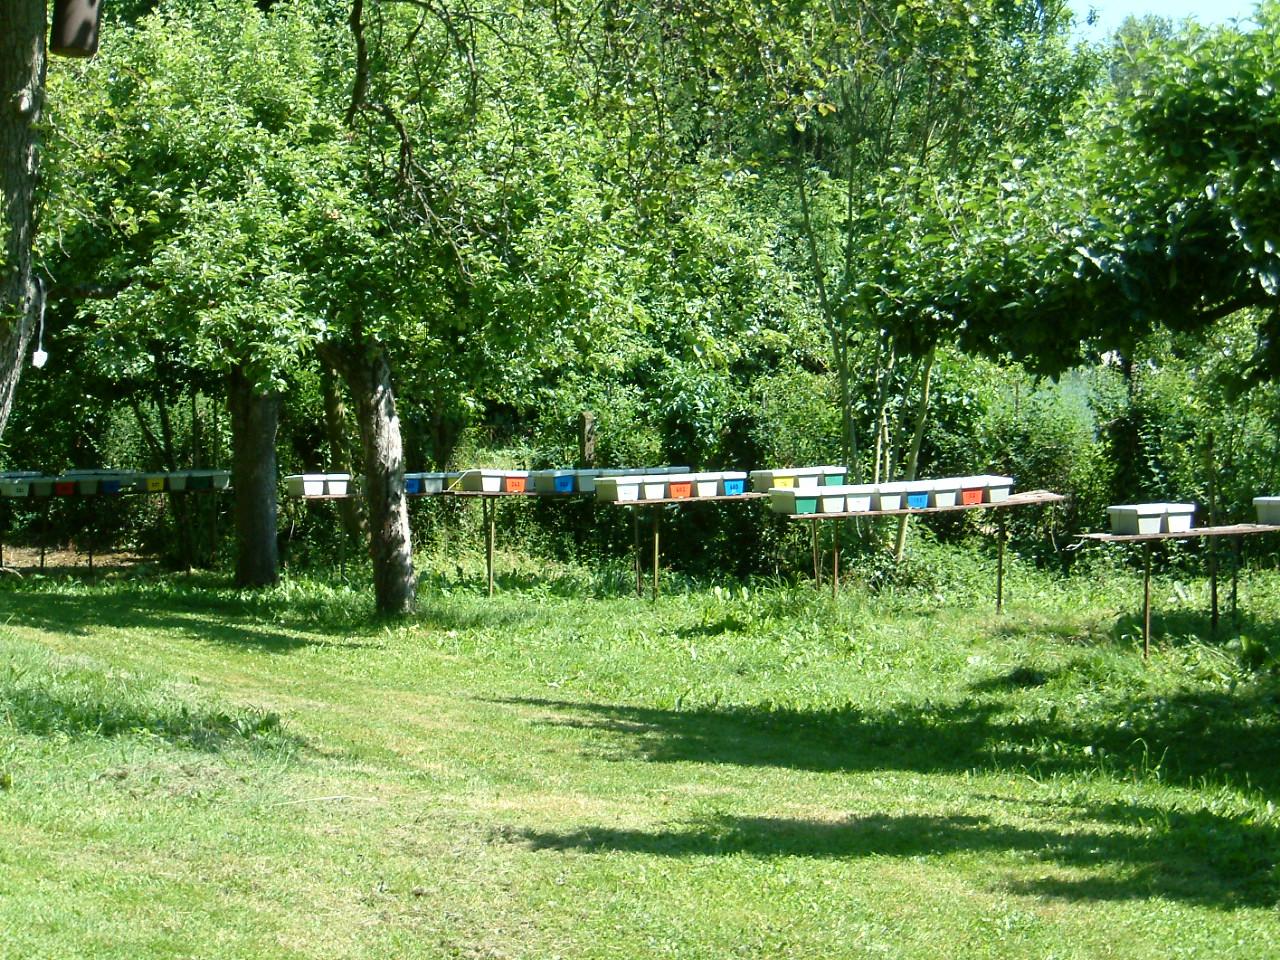 Visite de l'institut d'élevage de Mayen 2005